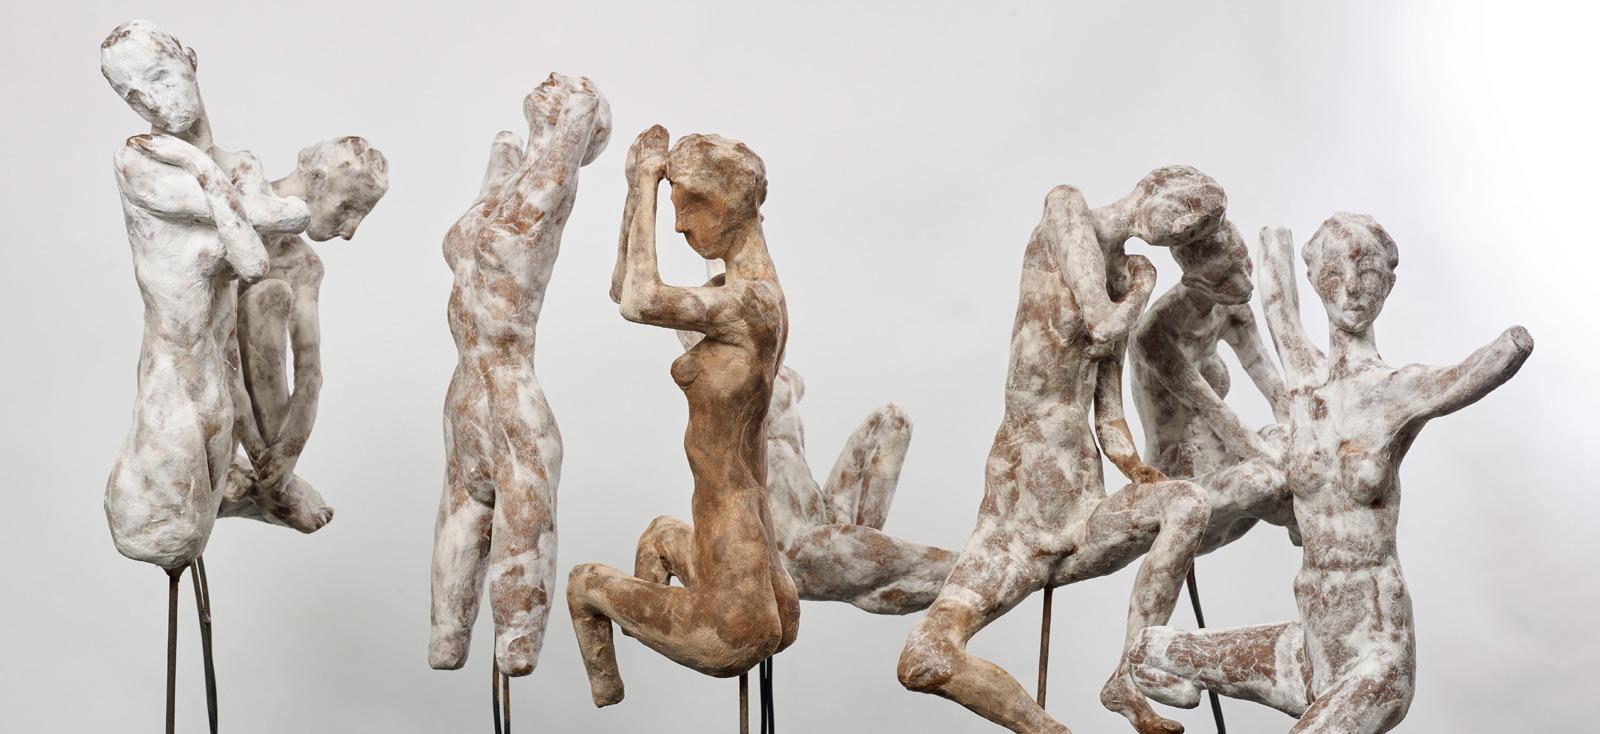 Kalliopi Lemos, 'Seed and Figures', 2015